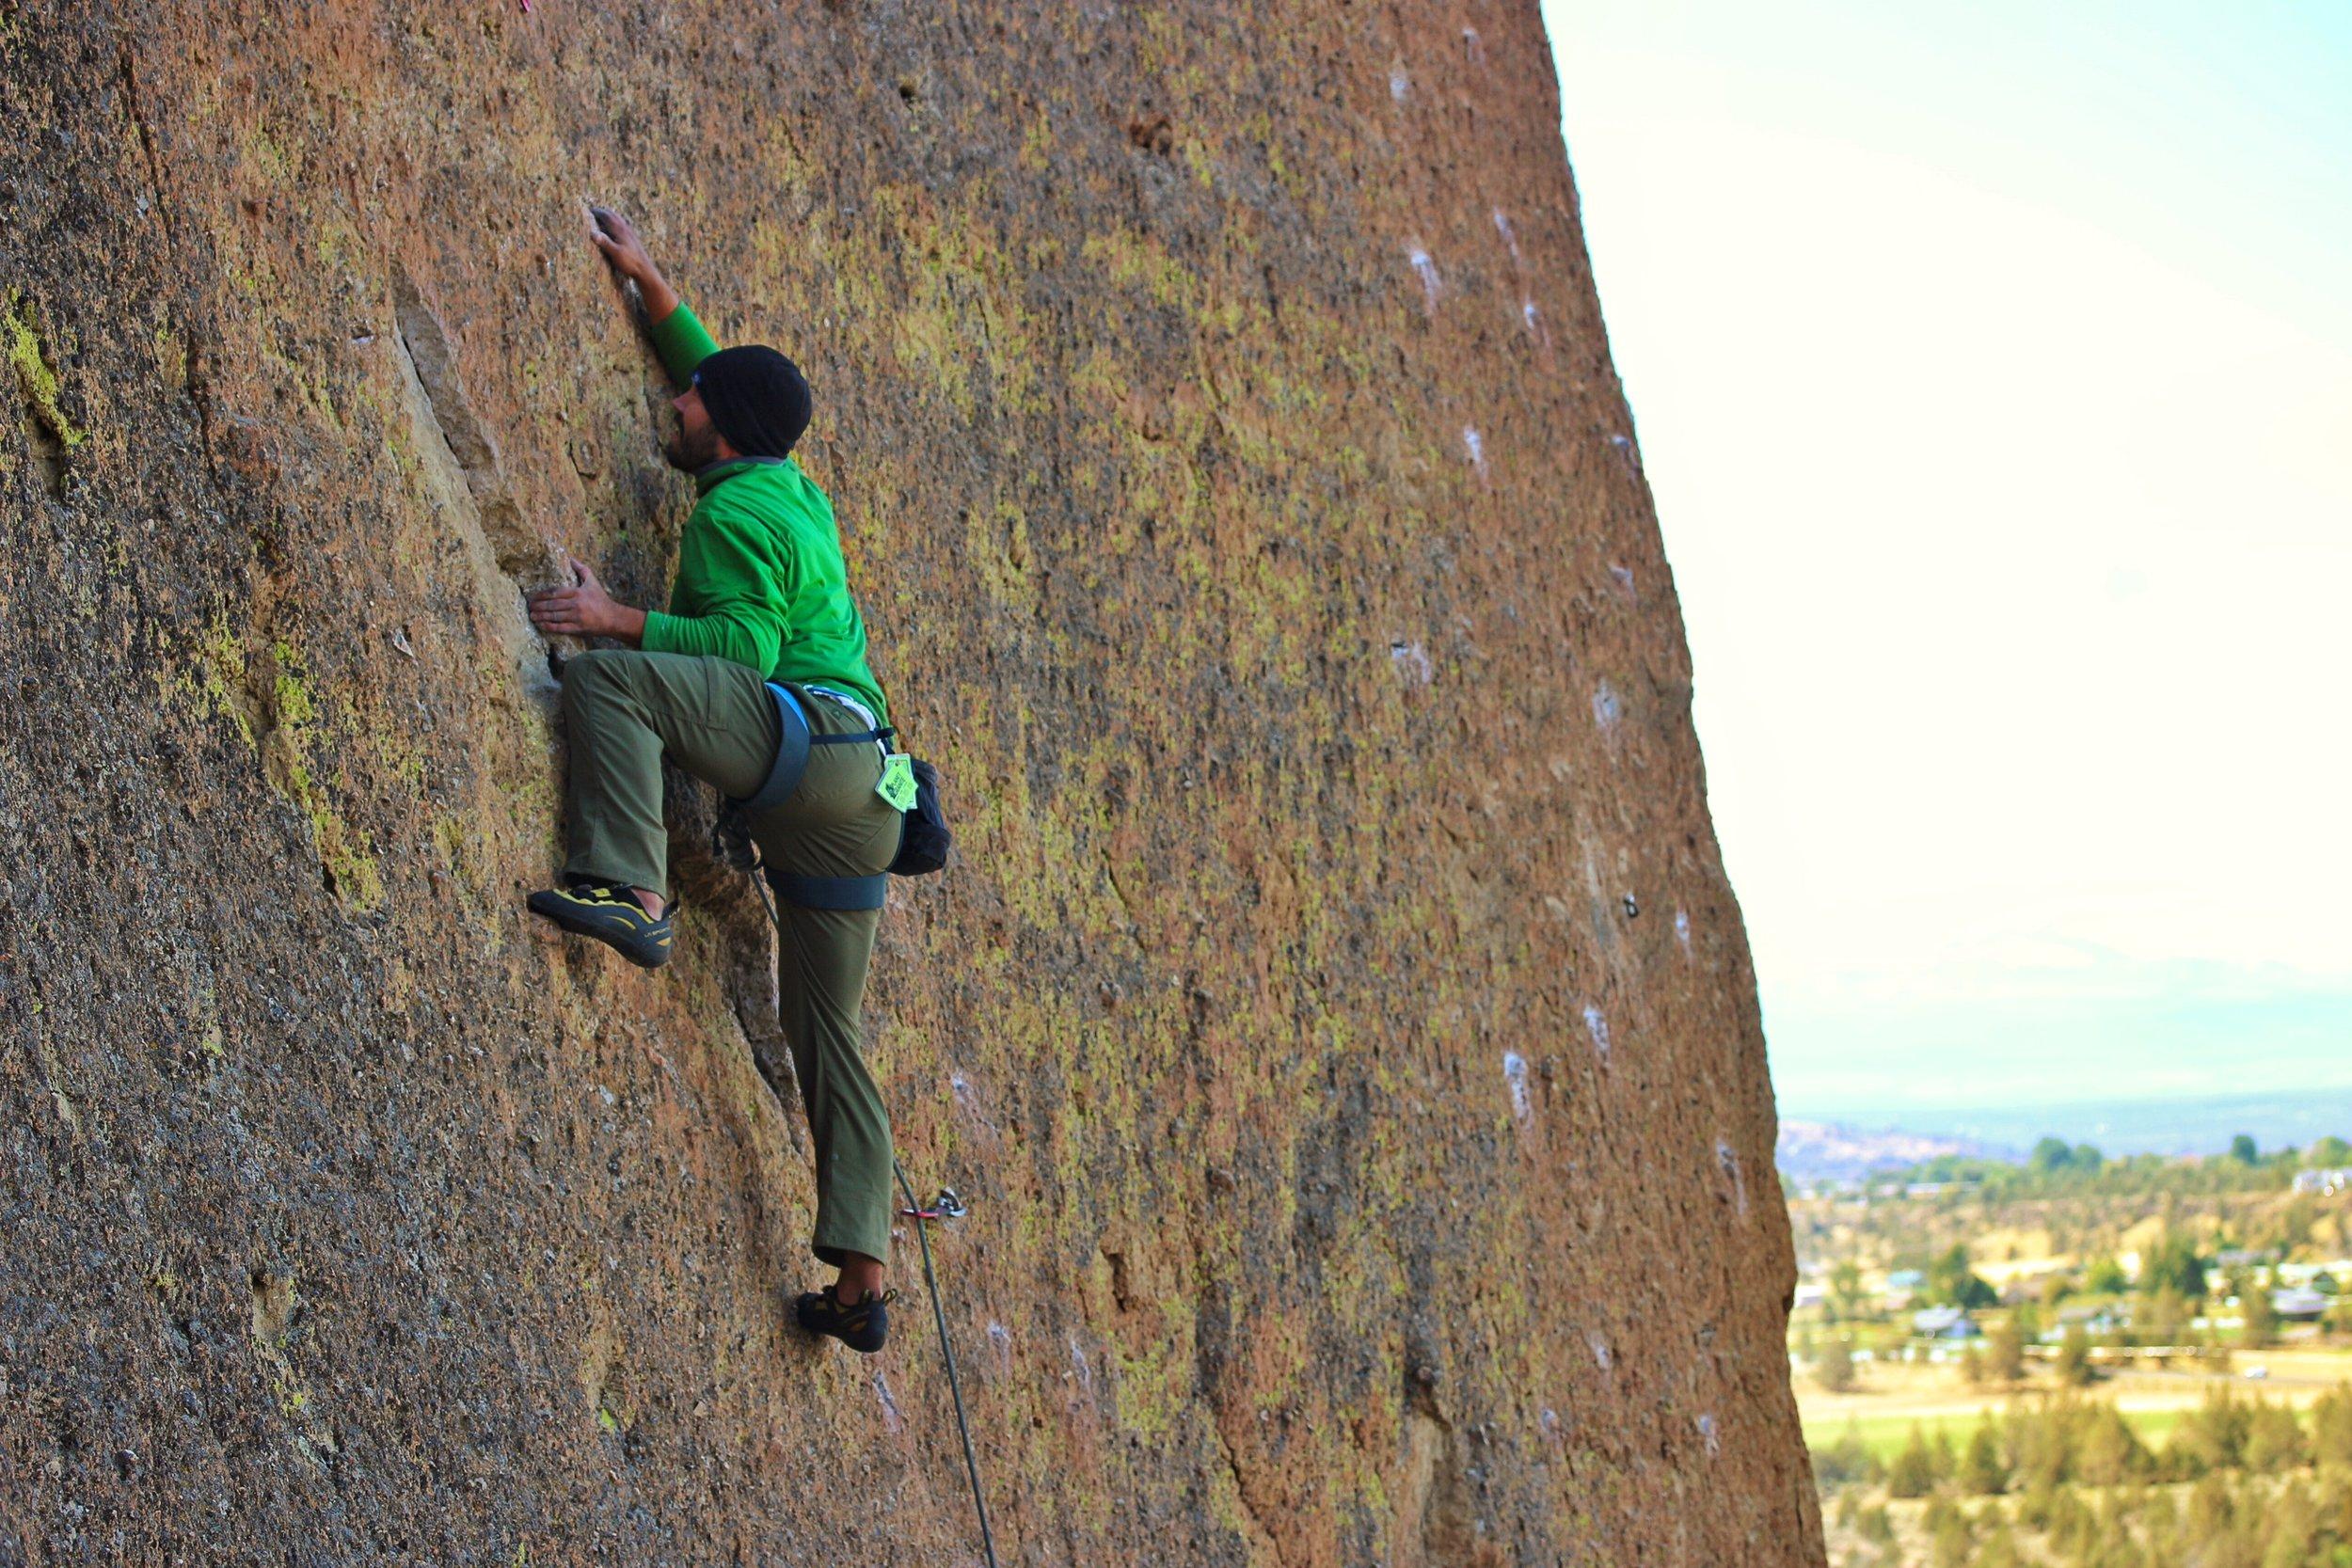 Steven climbing at Smith Rock.